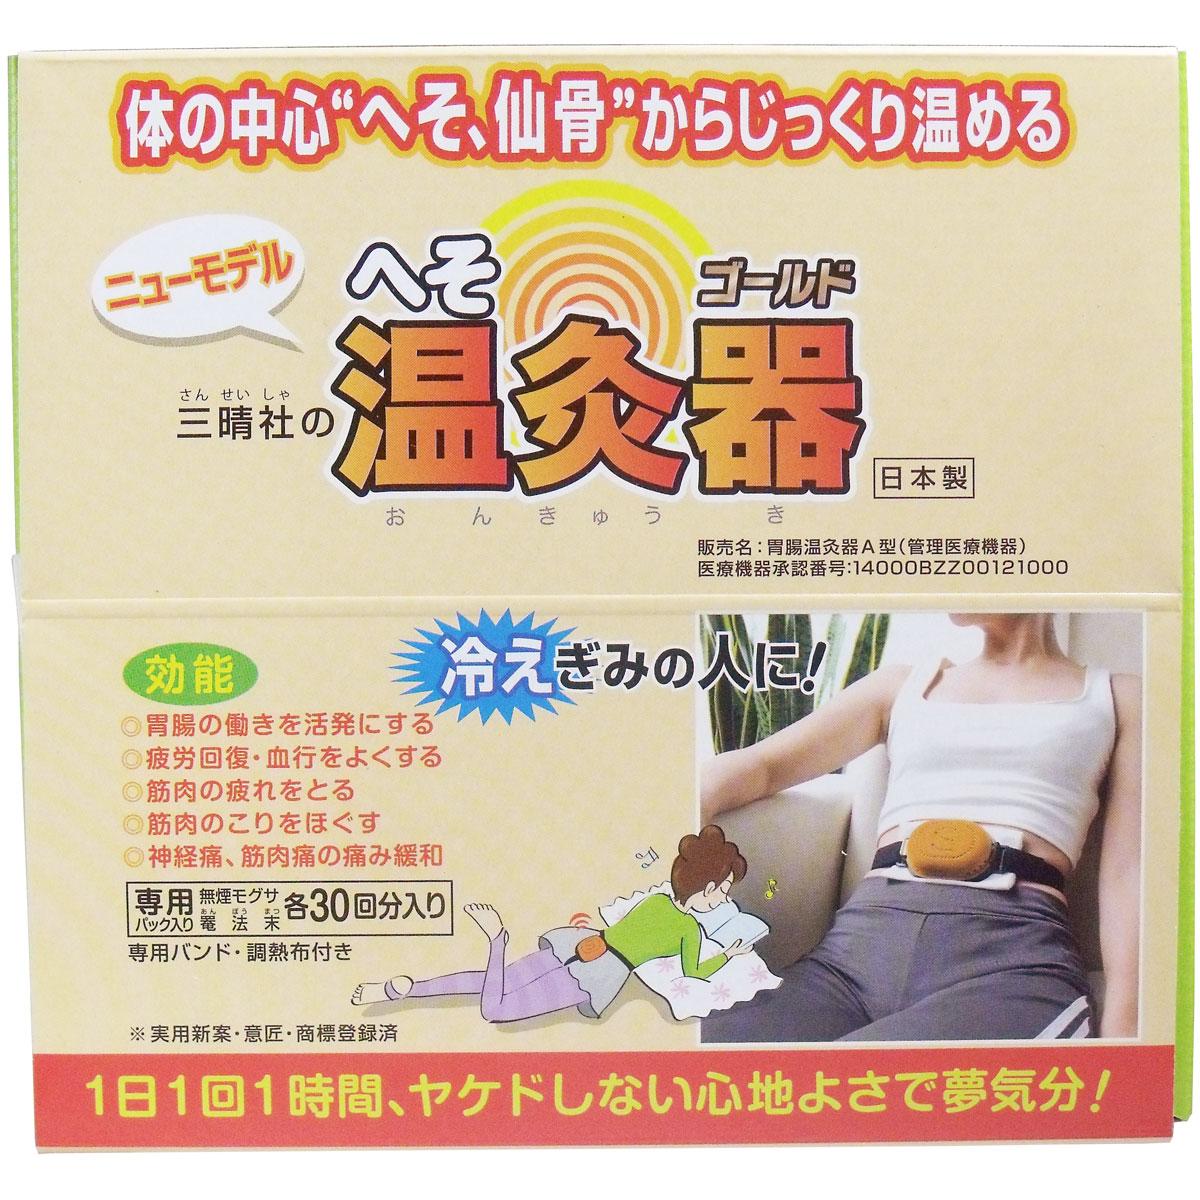 へそ温灸器ゴールド (胃腸温灸器A型)